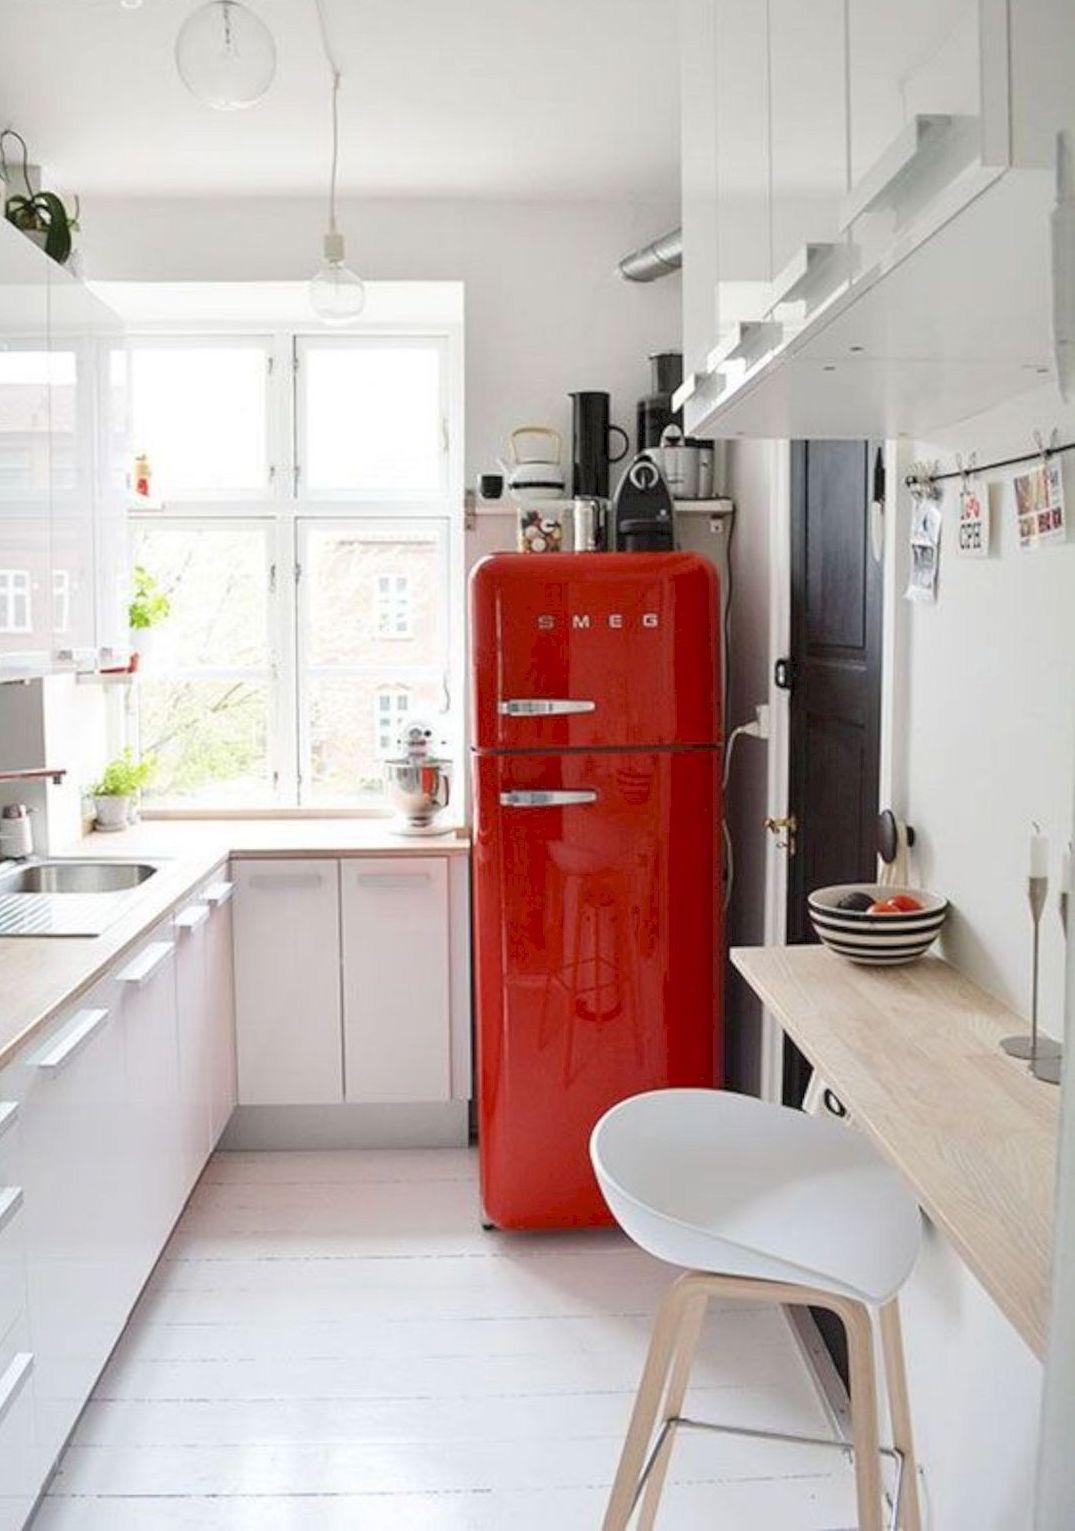 Todo lo que necesitas saber sobre barras de cocina - MIV Interiores